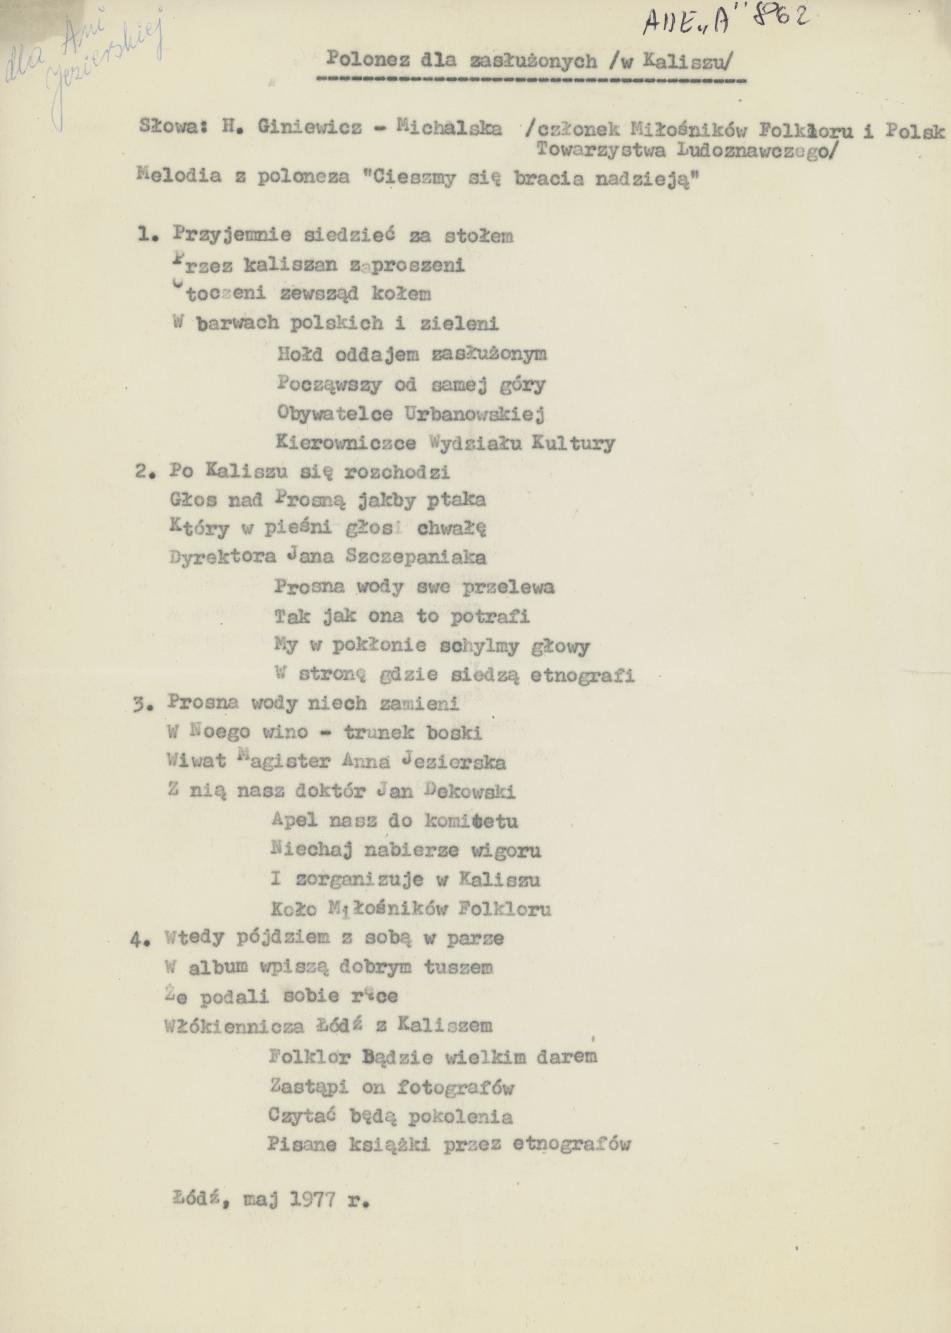 Polonez dla zasłużonych (w Kaliszu)